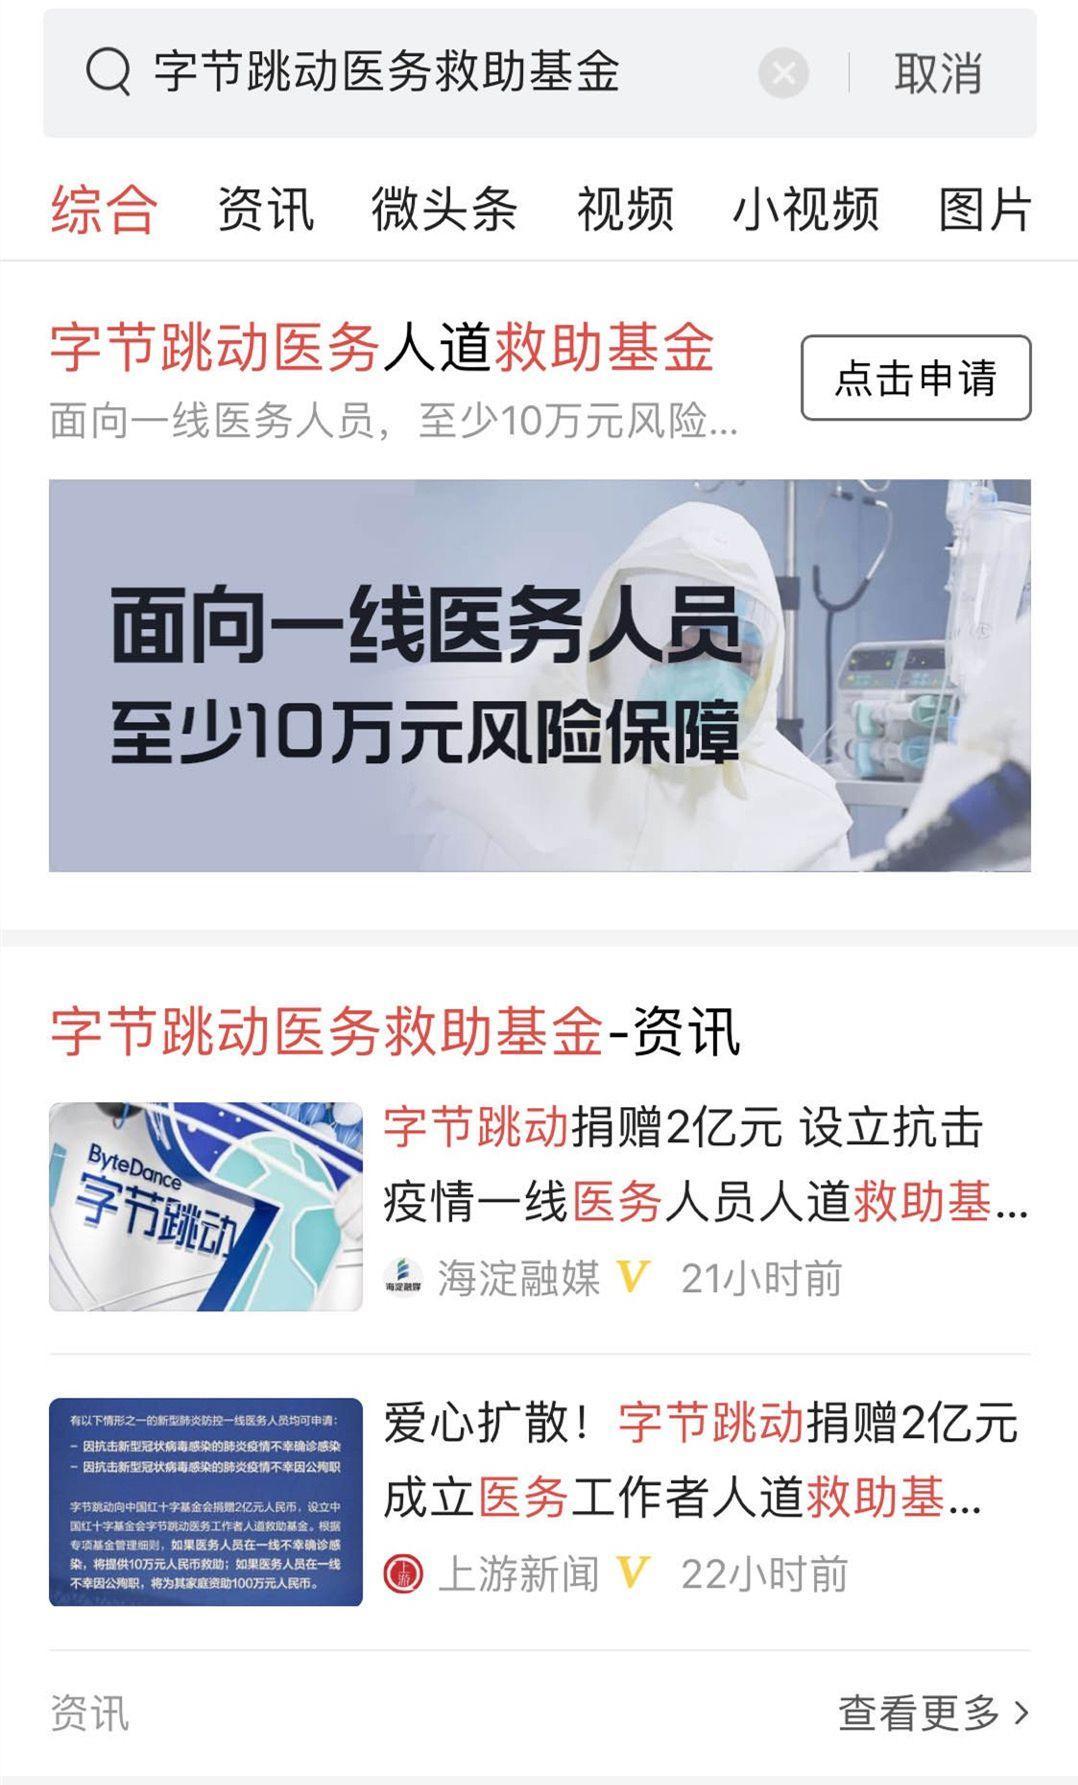 http://jszhy.cn/jiankang/181278.html